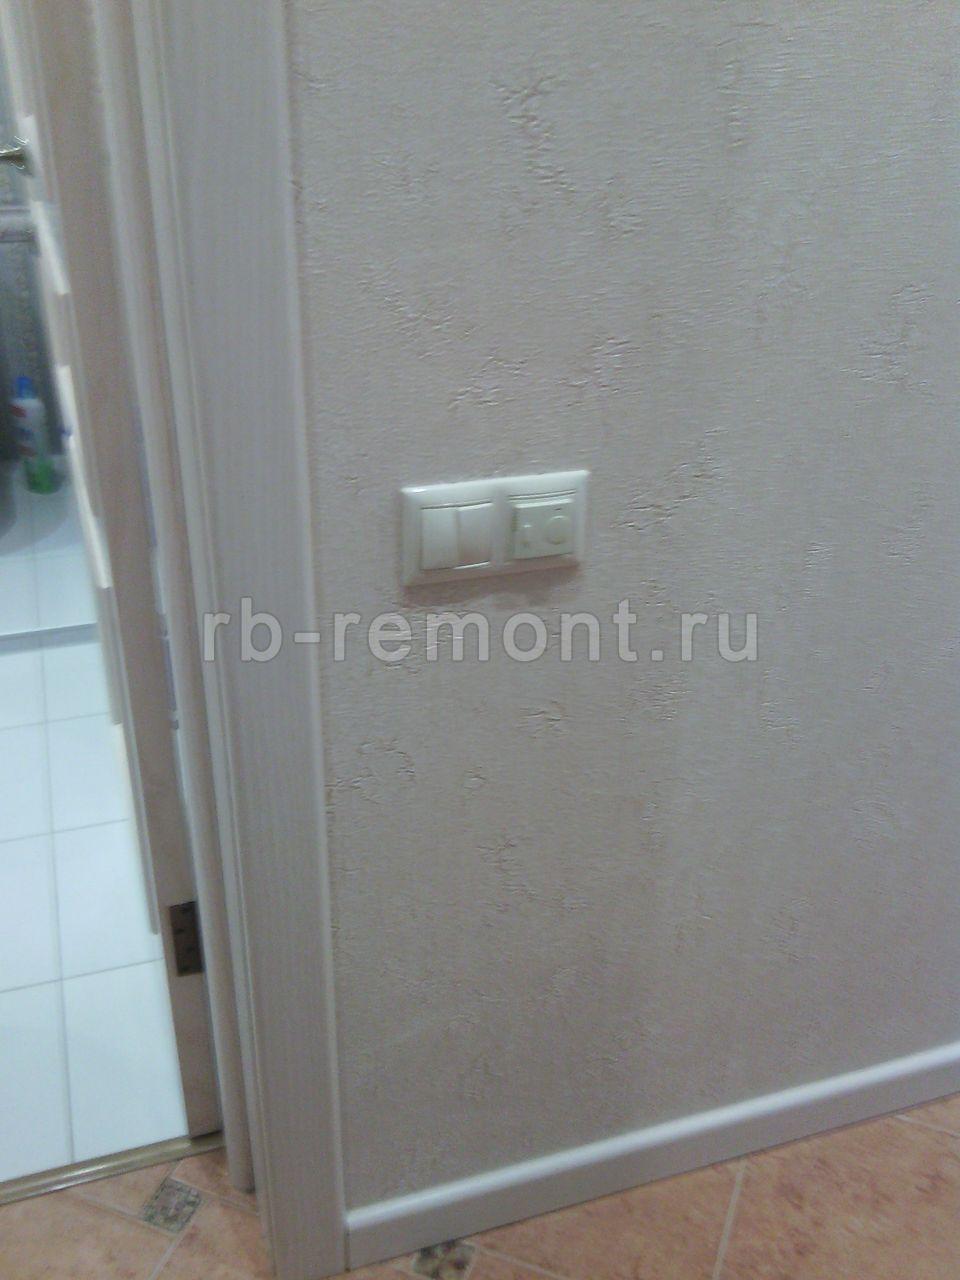 http://www.rb-remont.ru/raboty/photo_/komsomolskaya-125.1-00/img/img_20150709_121437.jpg (бол.)